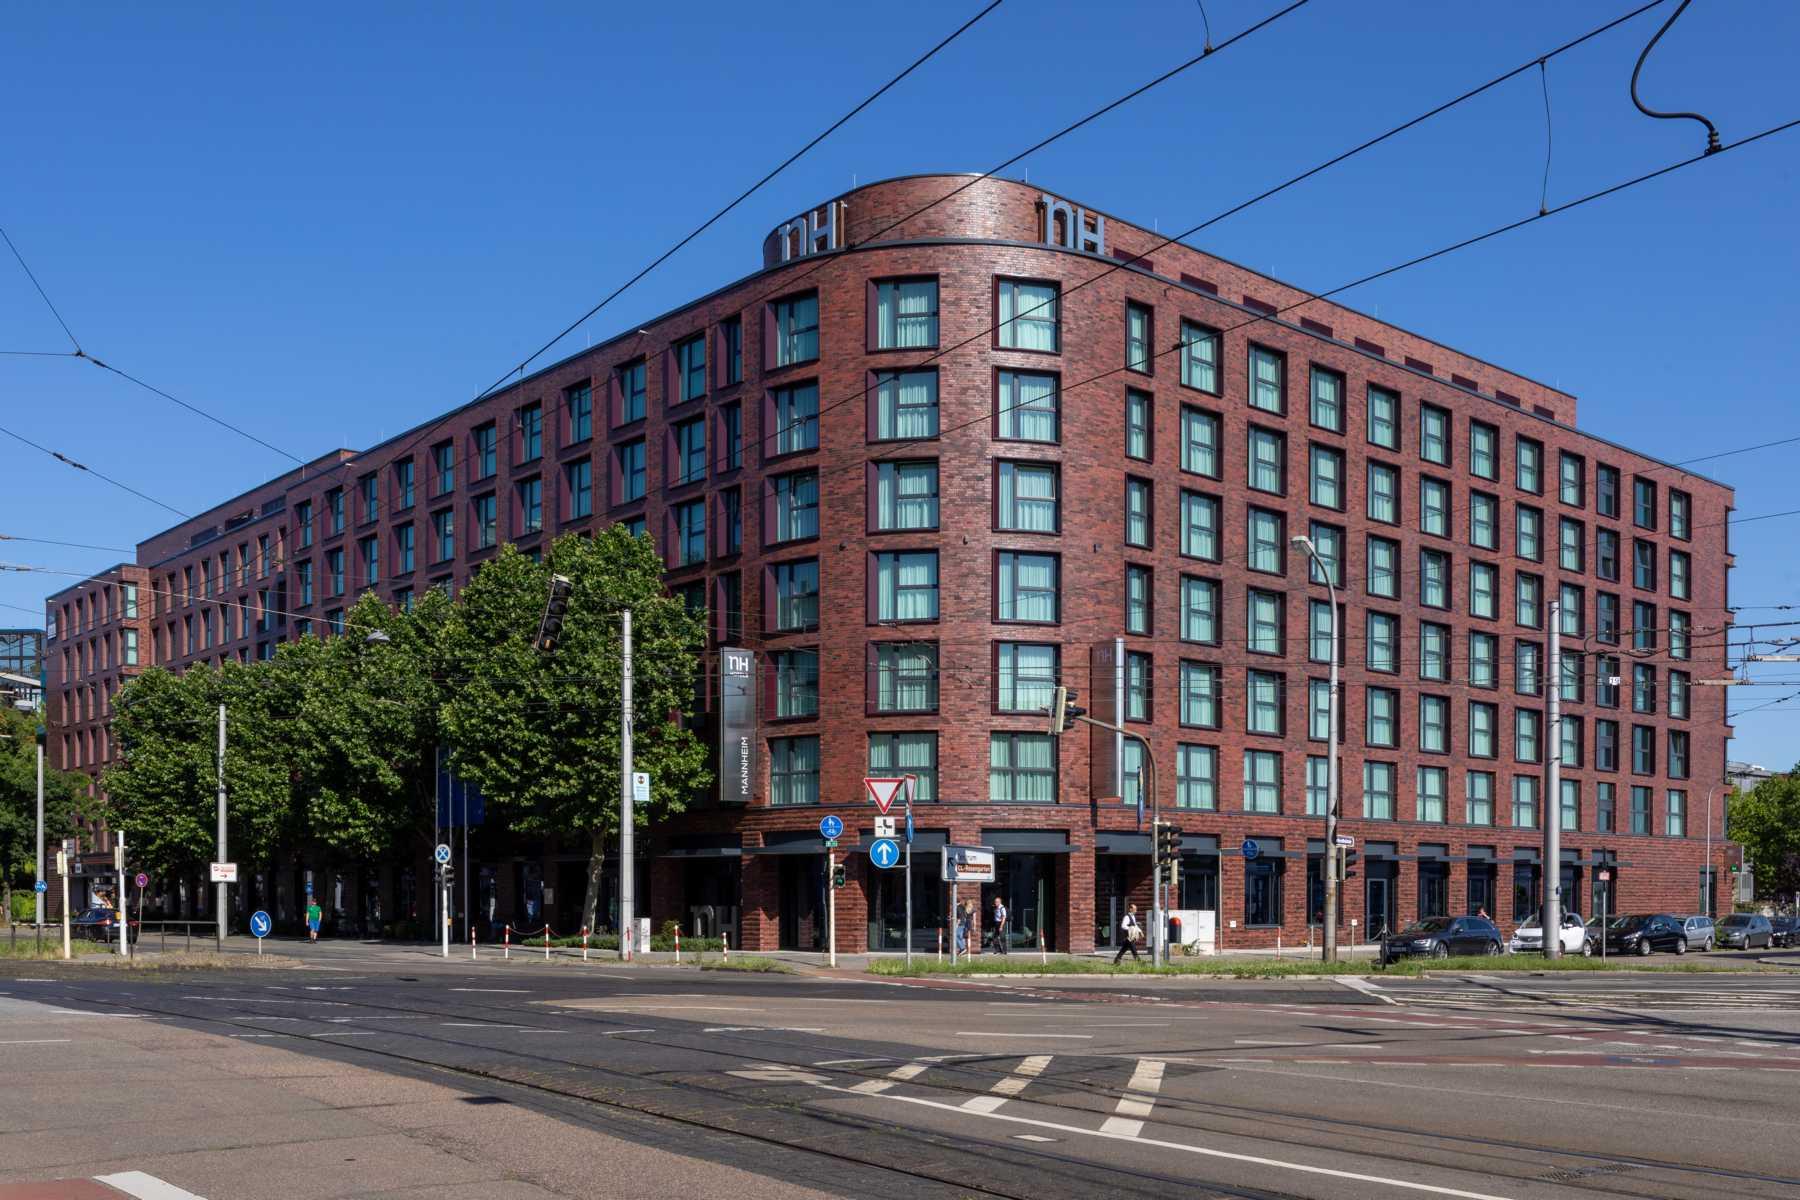 K1600_20200624_090_Prasch Buken Partner Architekten ©DUCKEK NH Hotels niu Hotels Mannheim__G9A5777